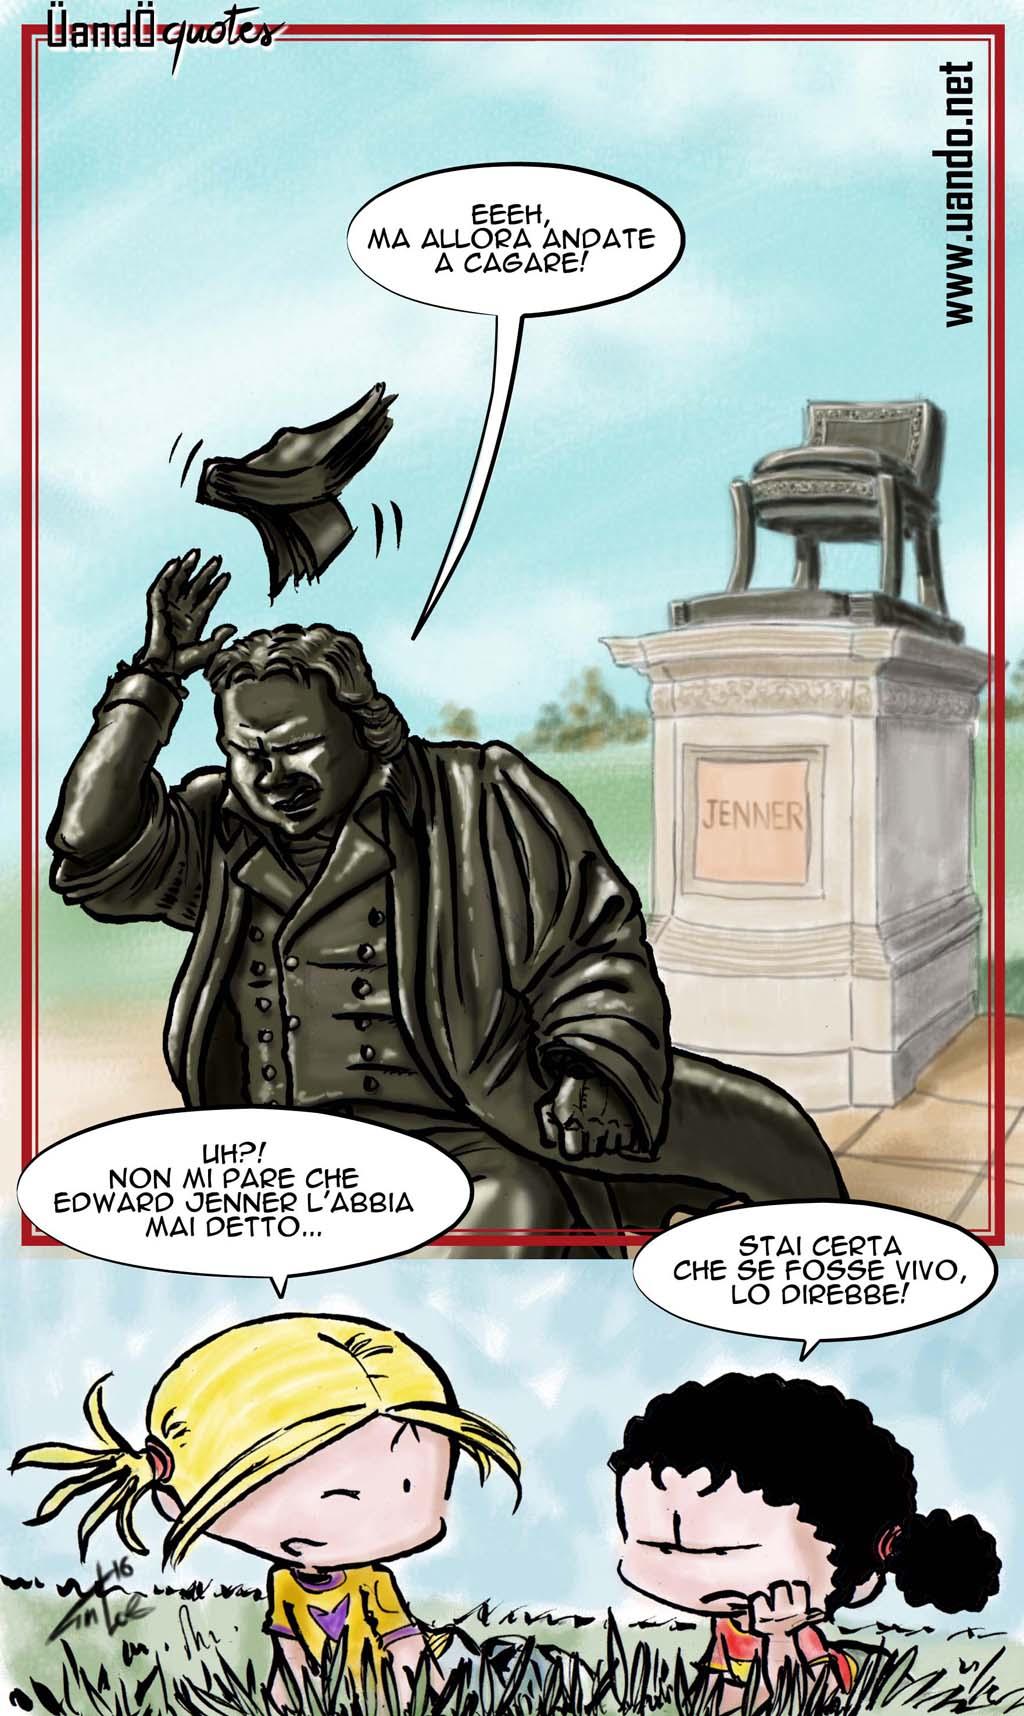 Uando Quotes Edward Jenner